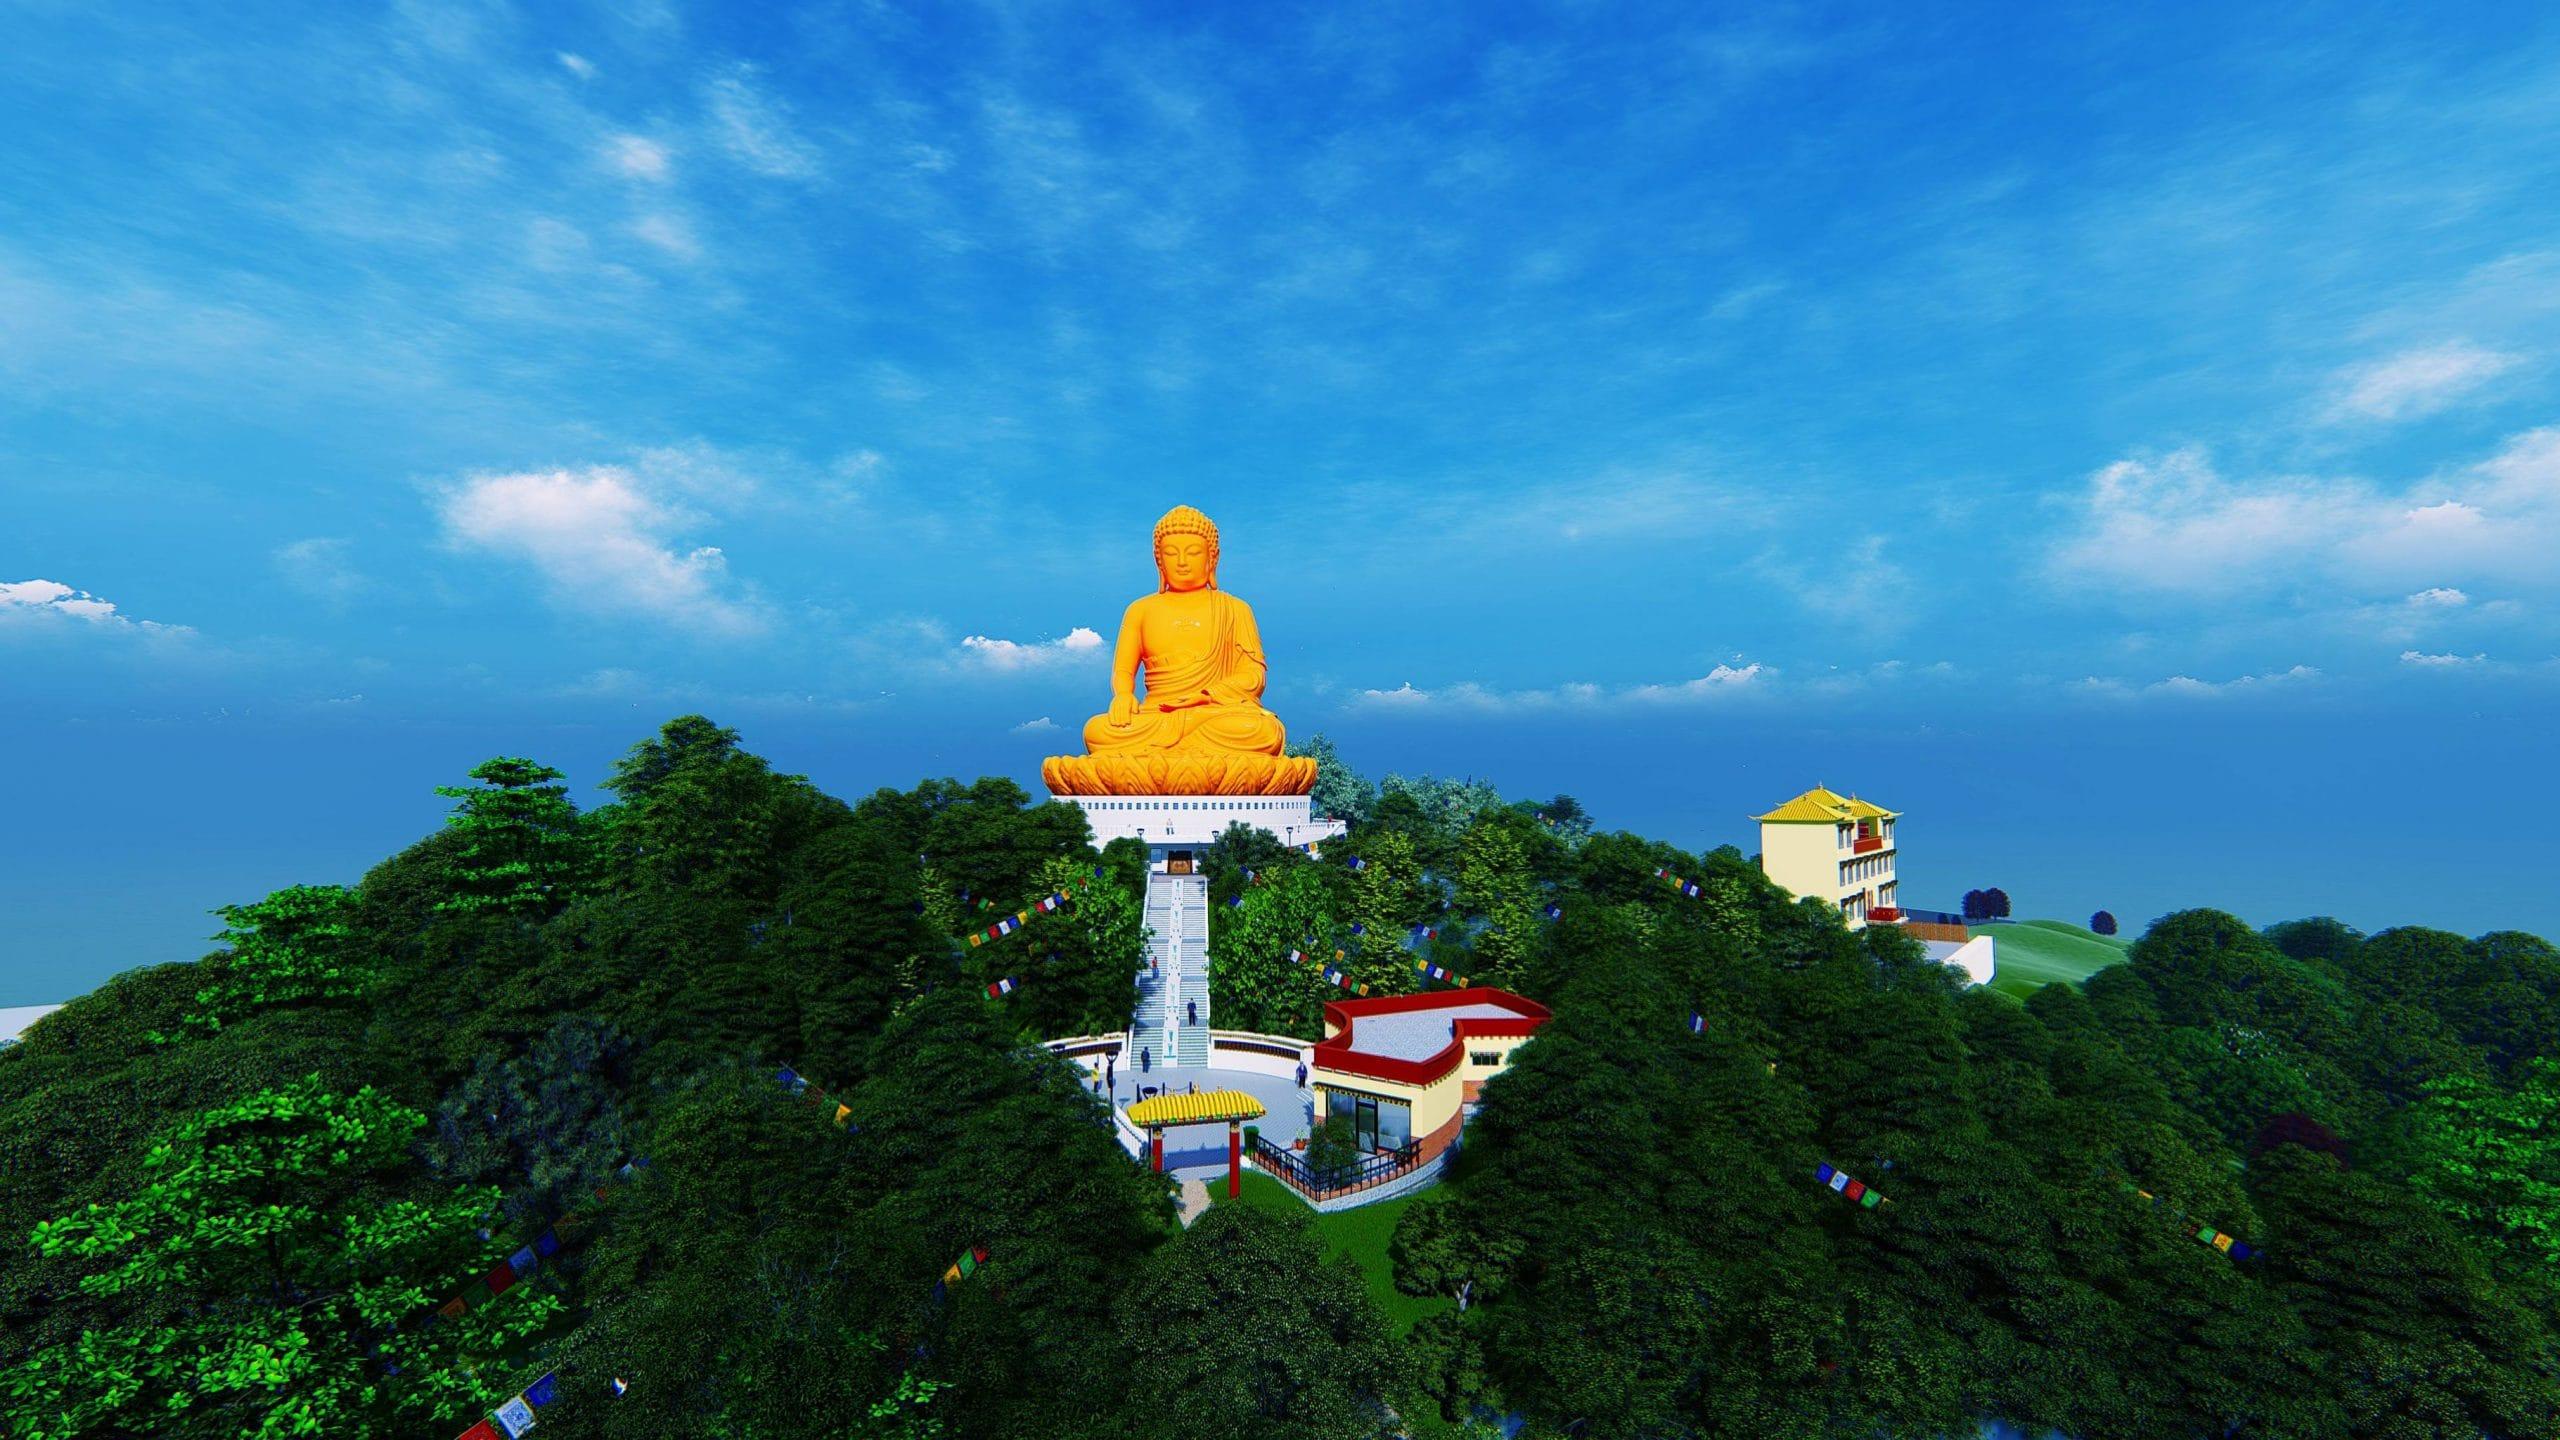 लुम्बिनीबाट देखिने गरि हिलपार्कमा बुद्ध मूर्तिसहितको पार्क बनाइँदै